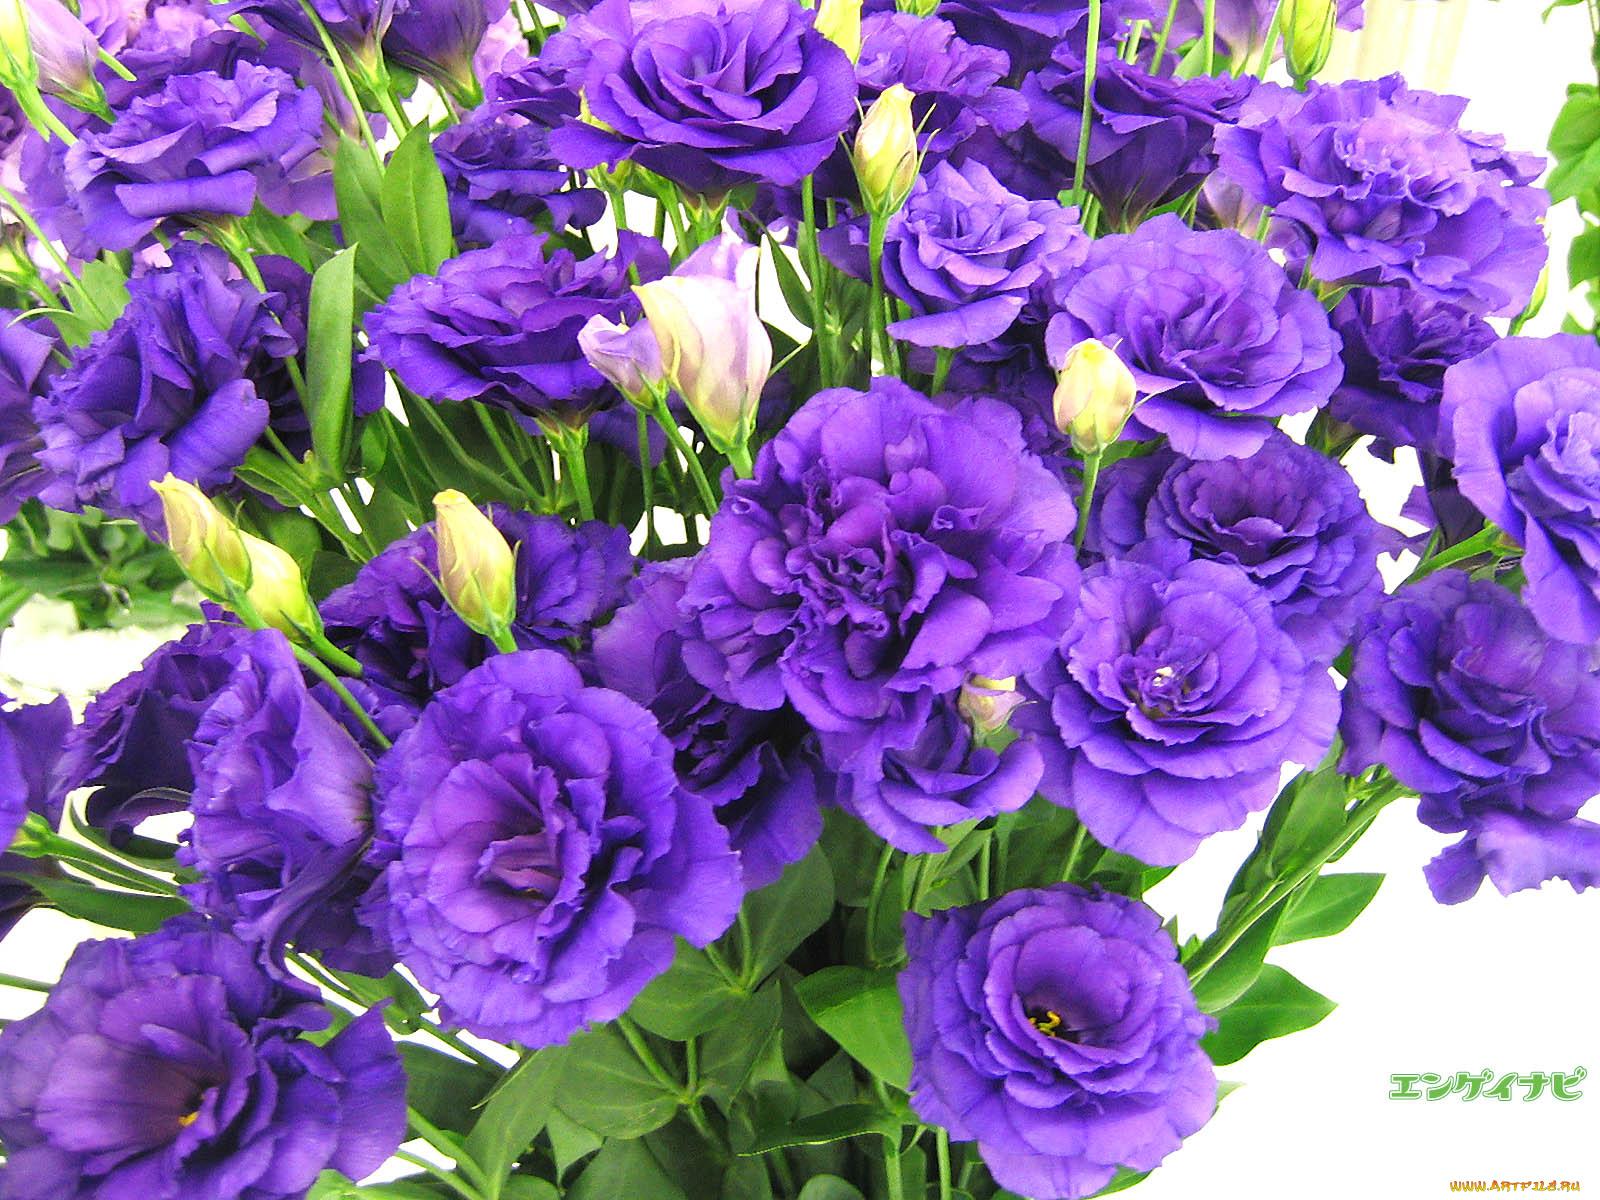 Лизиантус фото цветов в саду